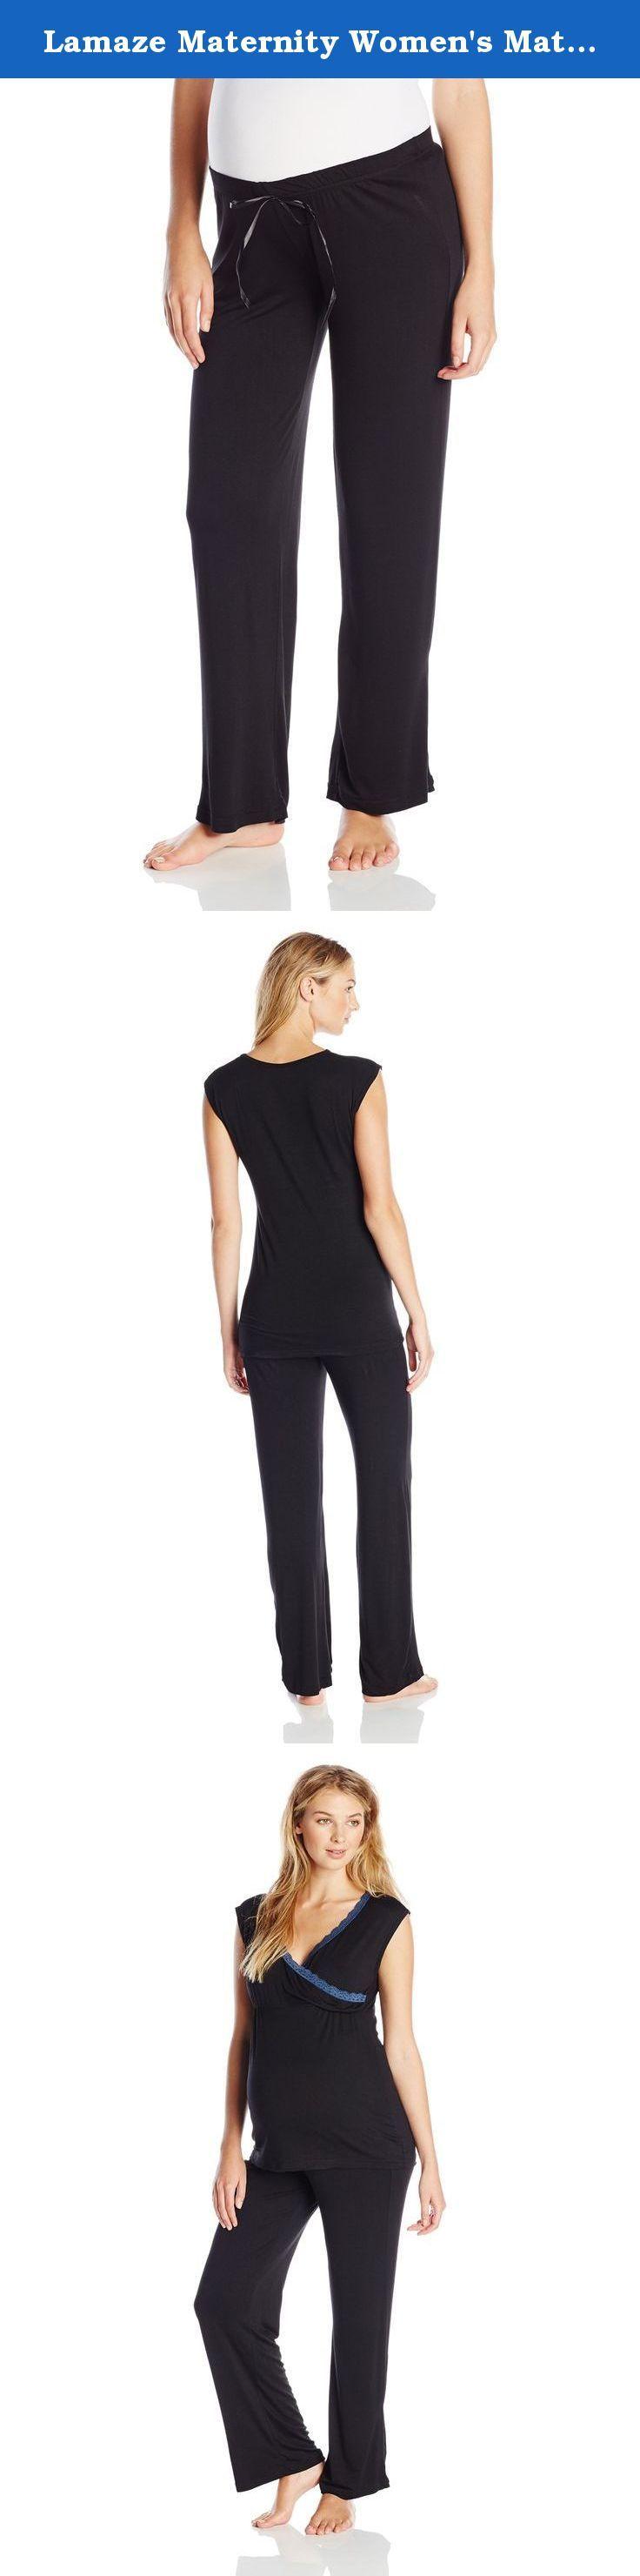 Lamaze Maternity Women's Maternity Short Sleeve and Pant Pajama Set, Black, Large. Rayon spandex maternity sleep pant set.